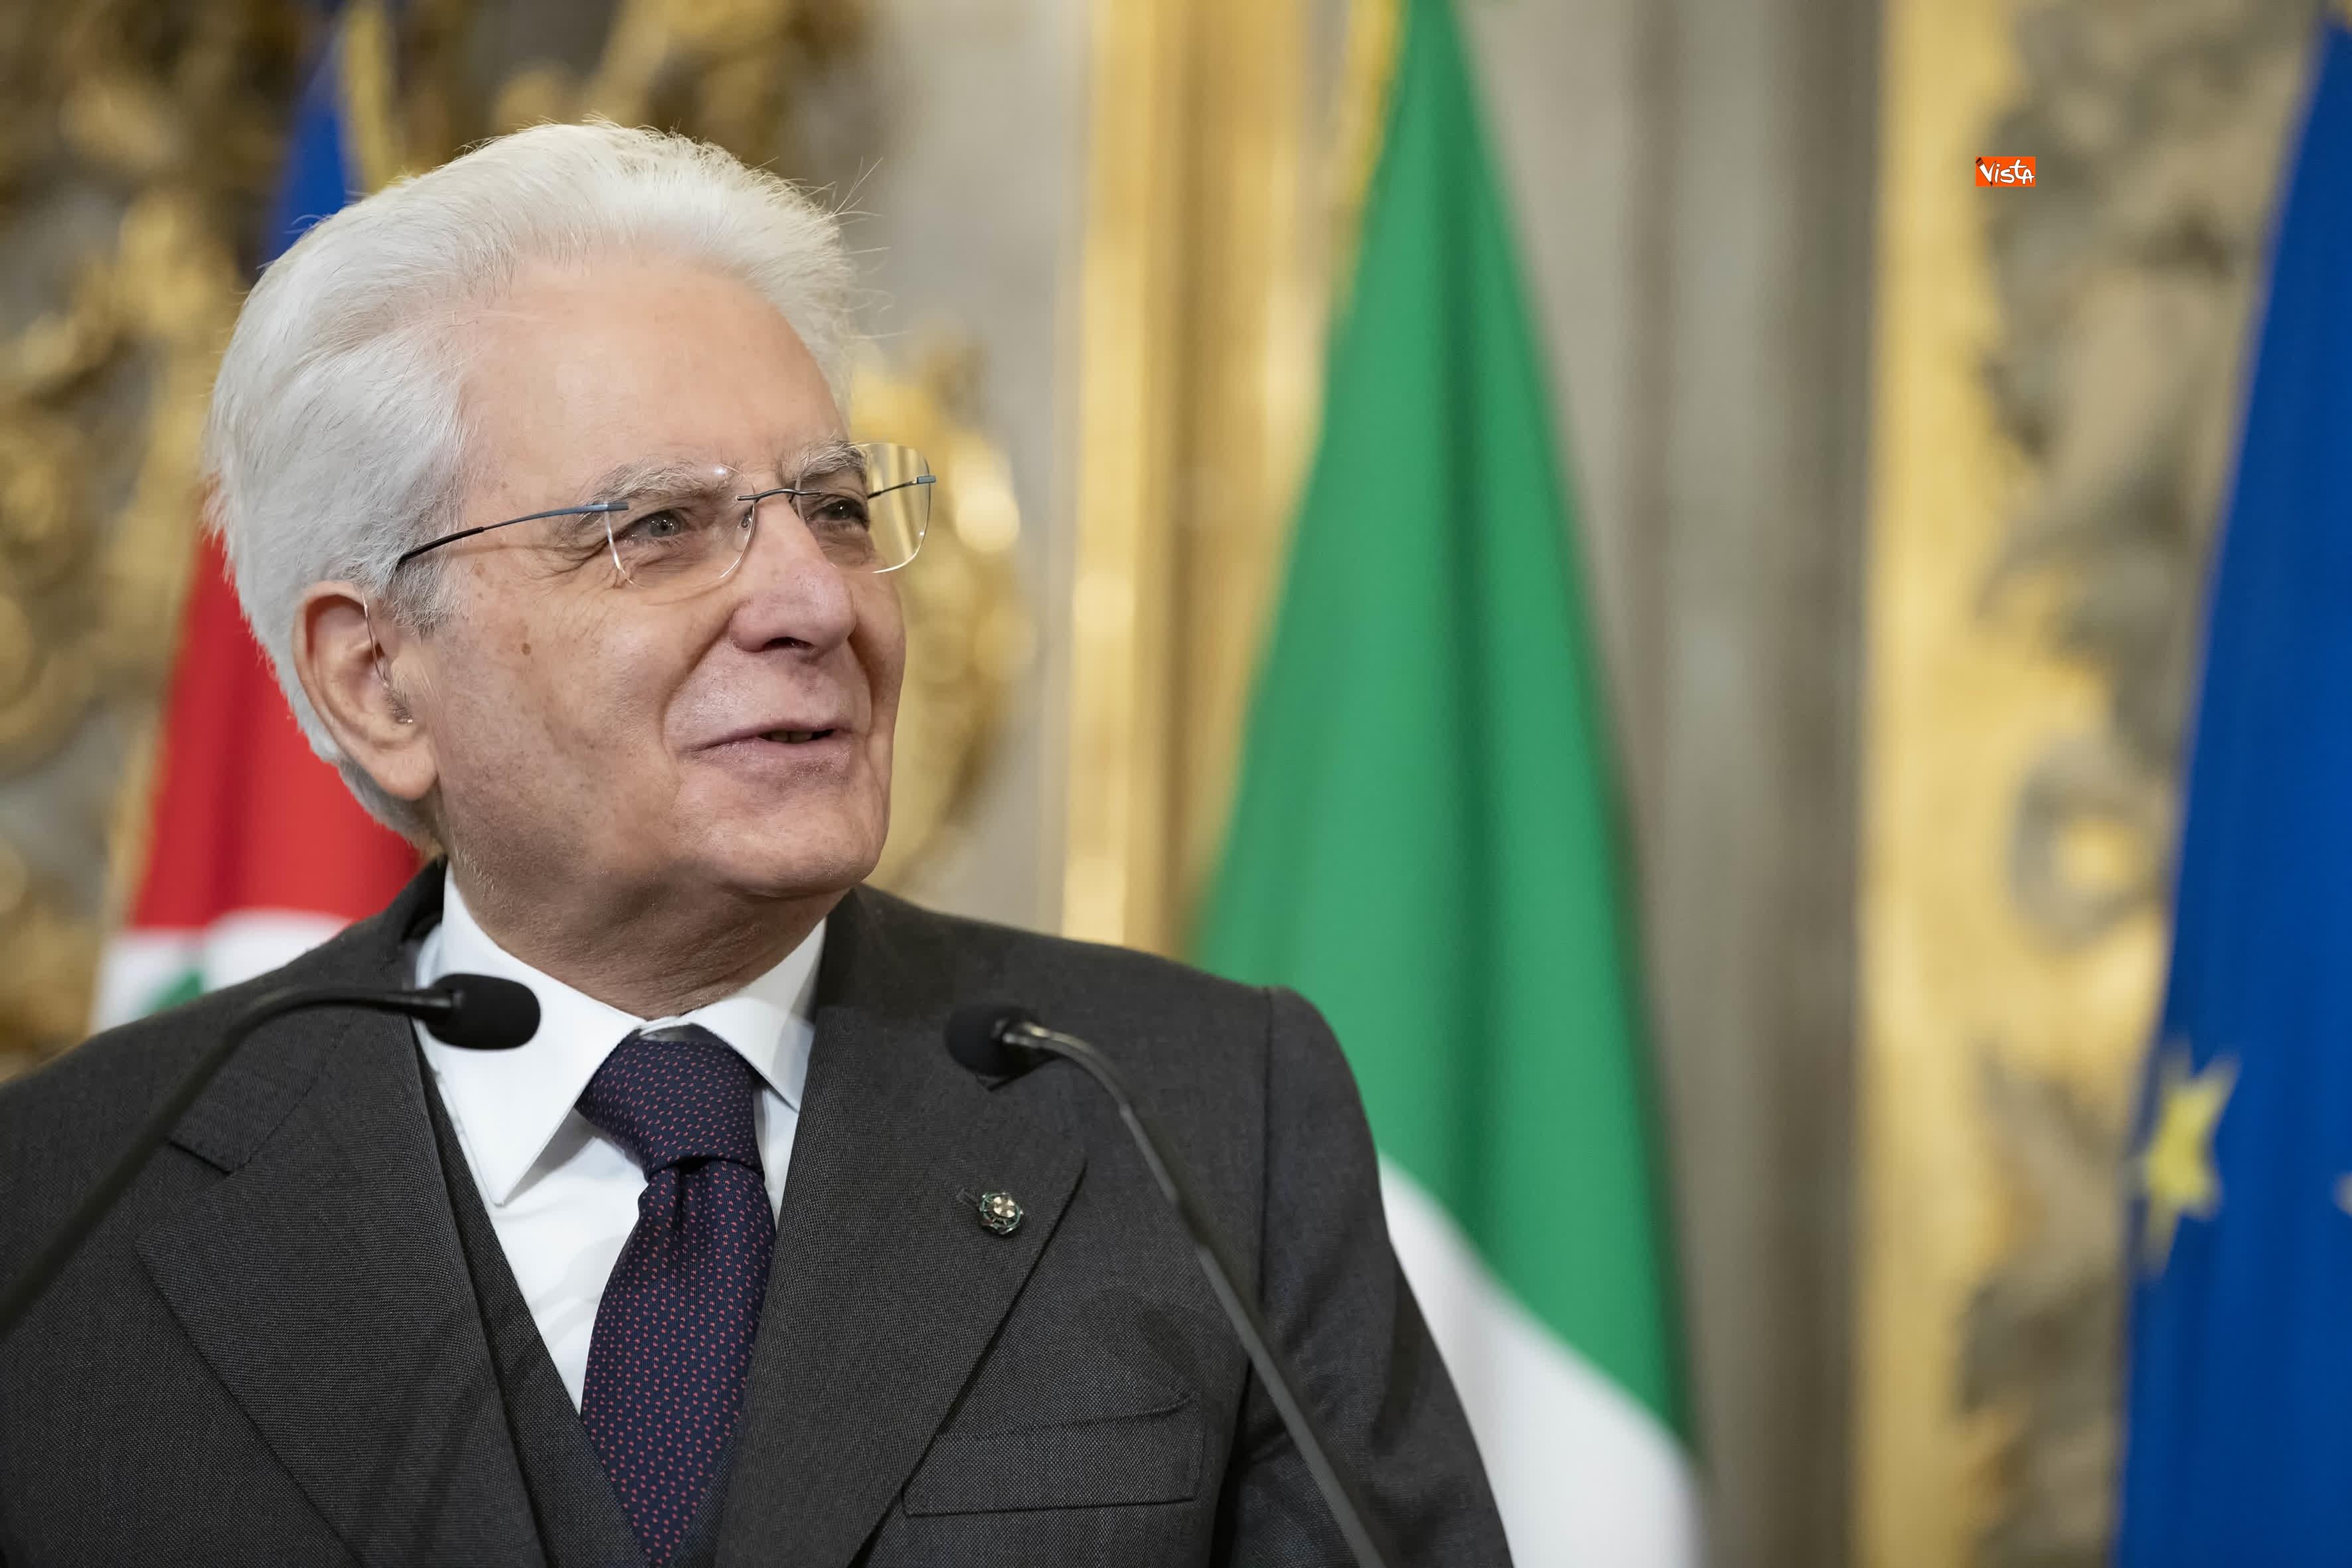 13-03-19 Mattarella consegna gli Attestati d Onore ai nuovi Alfieri della Repubblica, le immagini_06